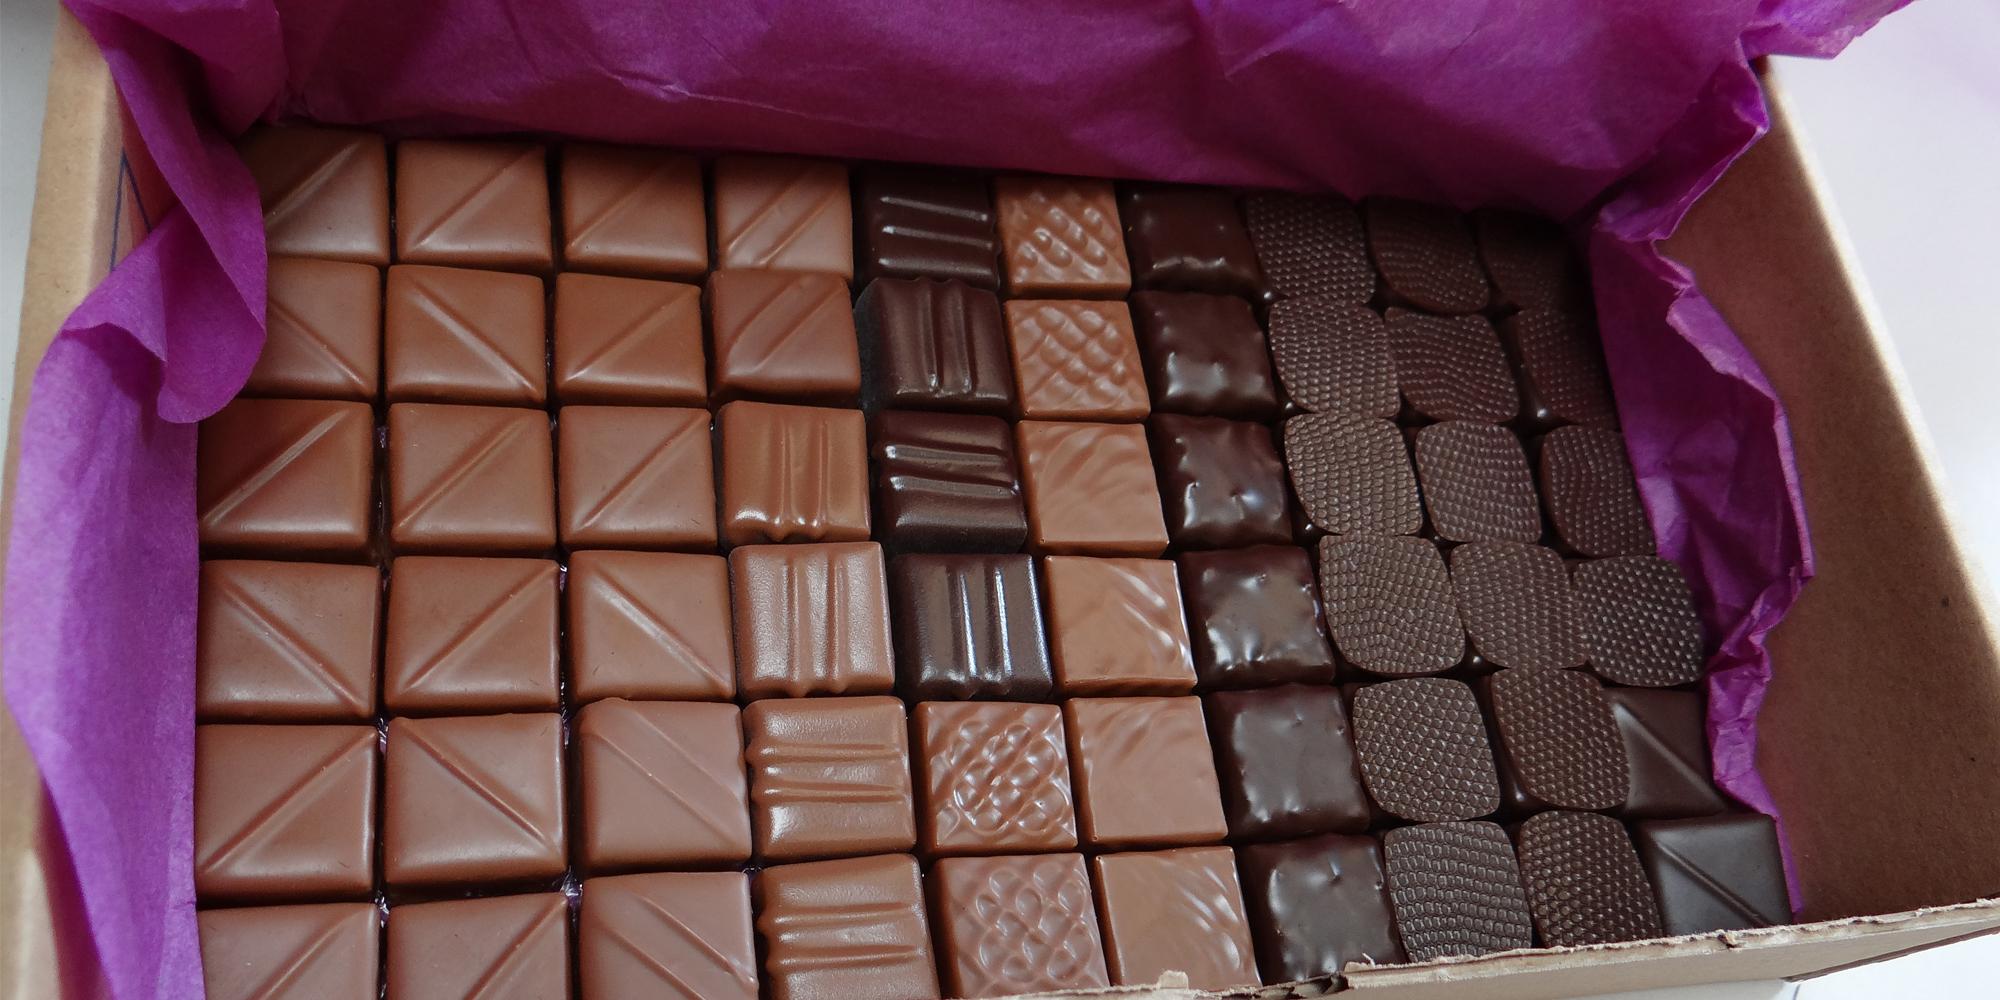 bouchées de chocolats factices en résine préparation pour l'expédition